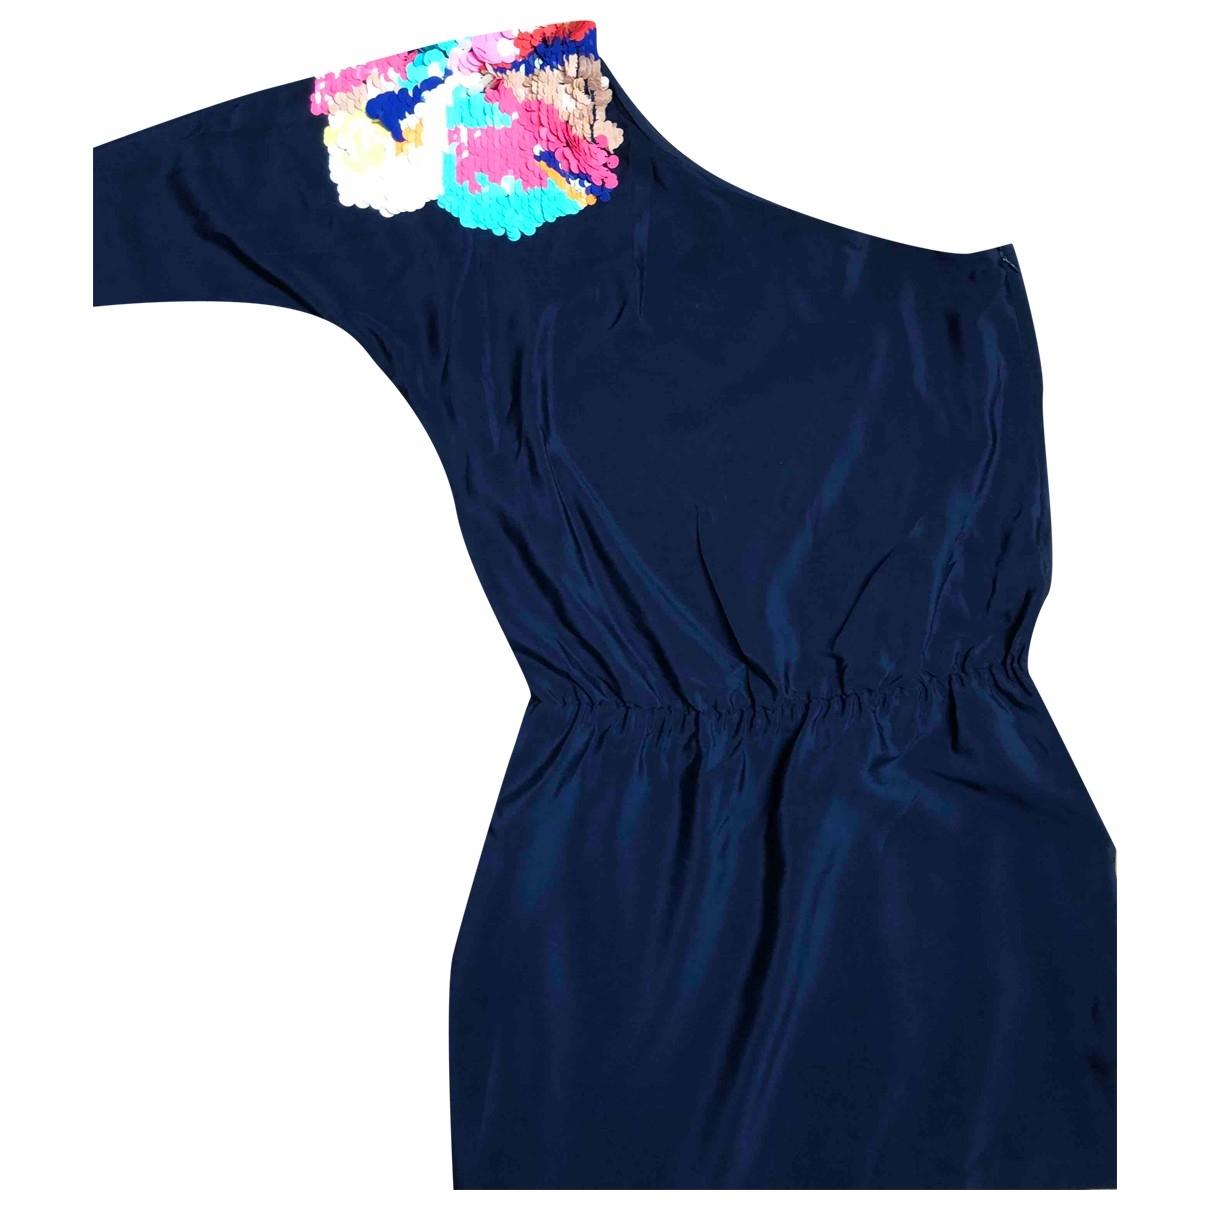 Tibi \N Blue Glitter dress for Women 8 US